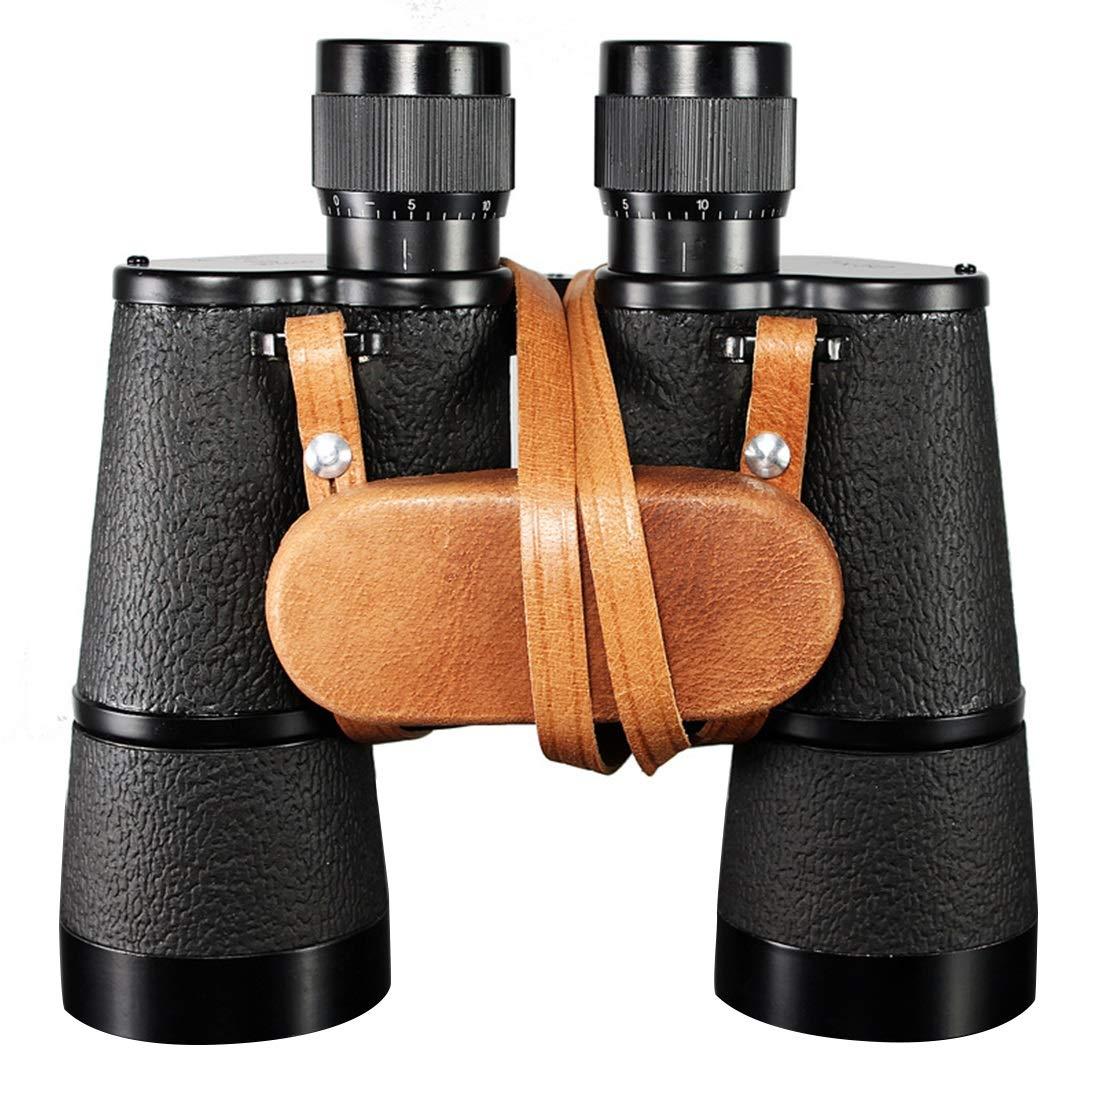 当季大流行 Nekovan 旅行ハイキング用の7x50コンパクト双眼鏡バードウォッチング Nekovan、大人用コートレンズ付き双眼鏡 B07Q42QGBX B07Q42QGBX, Nfurniture:d0b5fc37 --- berkultura.ru